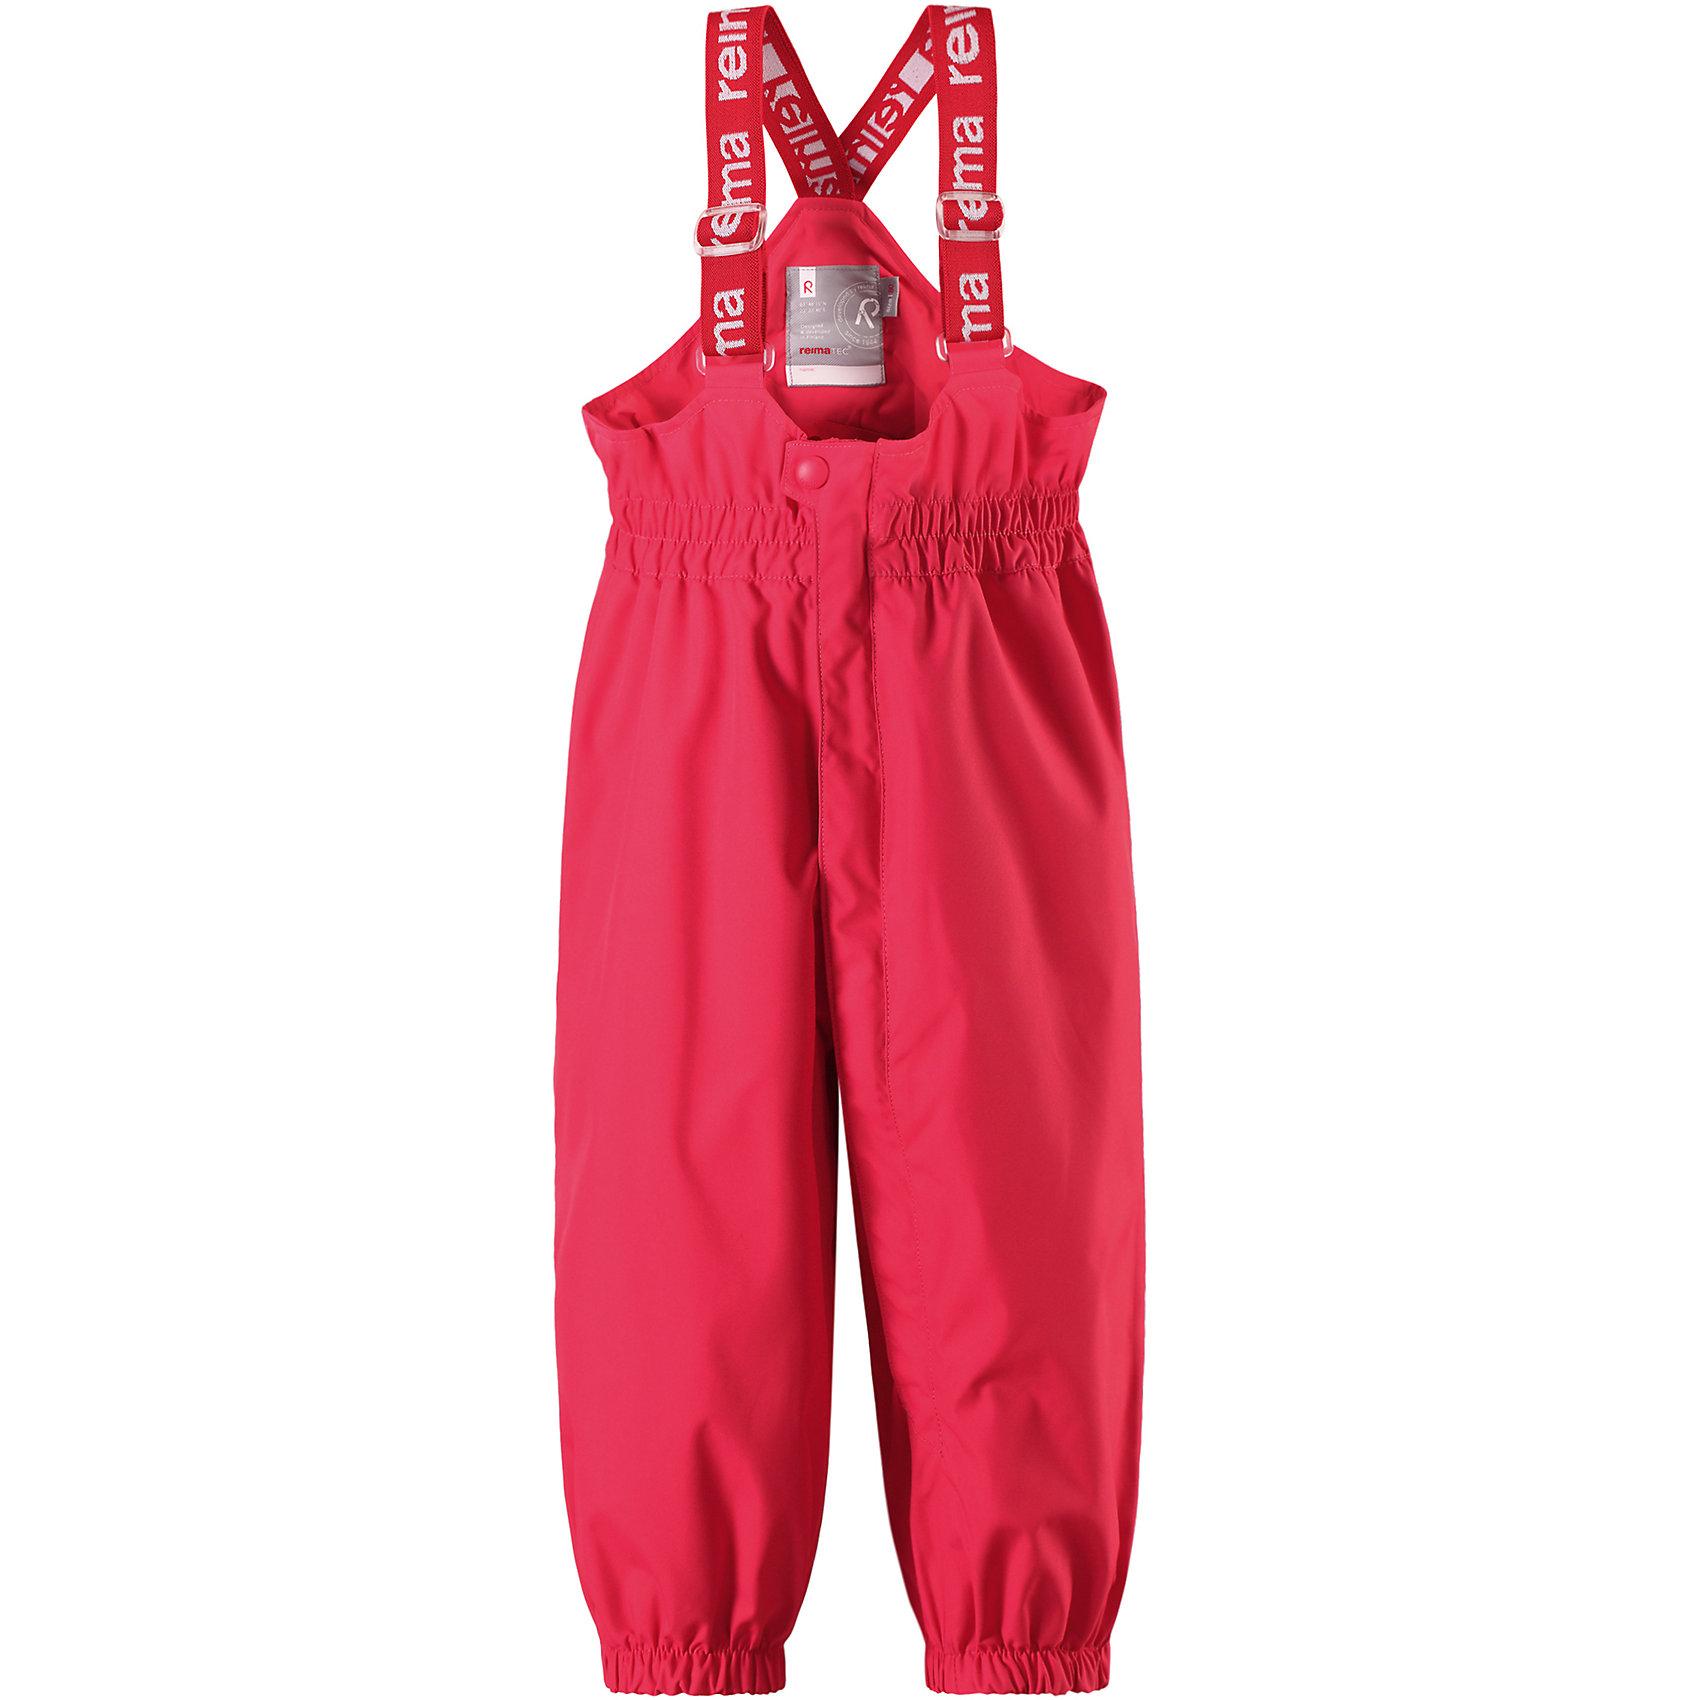 Брюки Tuikku для девочки Reimatec® ReimaВерхняя одежда<br>Характеристики товара:<br><br>• цвет: розовый<br>• состав: 100% полиэстер, полиуретановое покрытие<br>• температурный режим: от +5°до +15°С<br>• водонепроницаемость: 15000 мм<br>• воздухопроницаемость: 5000 мм<br>• износостойкость: 40000 циклов (тест Мартиндейла)<br>• без утеплителя<br>• все швы проклеены, водонепроницаемы<br>• водо- и ветронепроницаемый, «дышащий» и грязеотталкивающий материал<br>• гладкая подкладка из полиэстера<br>• высокая талия с регулируемыми подтяжками<br>• эластичные манжеты на брючинах<br>• прочные съёмные силиконовые штрипки<br>• длинная застёжка на молнии облегчает надевание<br>• светоотражающие детали<br>• комфортная посадка<br>• страна производства: Китай<br>• страна бренда: Финляндия<br>• коллекция: весна-лето 2017<br><br>Демисезонные брюки помогут обеспечить ребенку комфорт и тепло. Они отлично смотрятся с различным верхом. Изделие удобно сидит и модно выглядит. Материал отлично подходит для дождливой погоды. Стильный дизайн разрабатывался специально для детей.<br><br>Обувь и одежда от финского бренда Reima пользуются популярностью во многих странах. Они стильные, качественные и удобные. Для производства продукции используются только безопасные, проверенные материалы и фурнитура.<br><br>Брюки Reimatec® от финского бренда Reima (Рейма) можно купить в нашем интернет-магазине.<br><br>Ширина мм: 215<br>Глубина мм: 88<br>Высота мм: 191<br>Вес г: 336<br>Цвет: розовый<br>Возраст от месяцев: 12<br>Возраст до месяцев: 15<br>Пол: Женский<br>Возраст: Детский<br>Размер: 80,92,74,86,98<br>SKU: 5265508